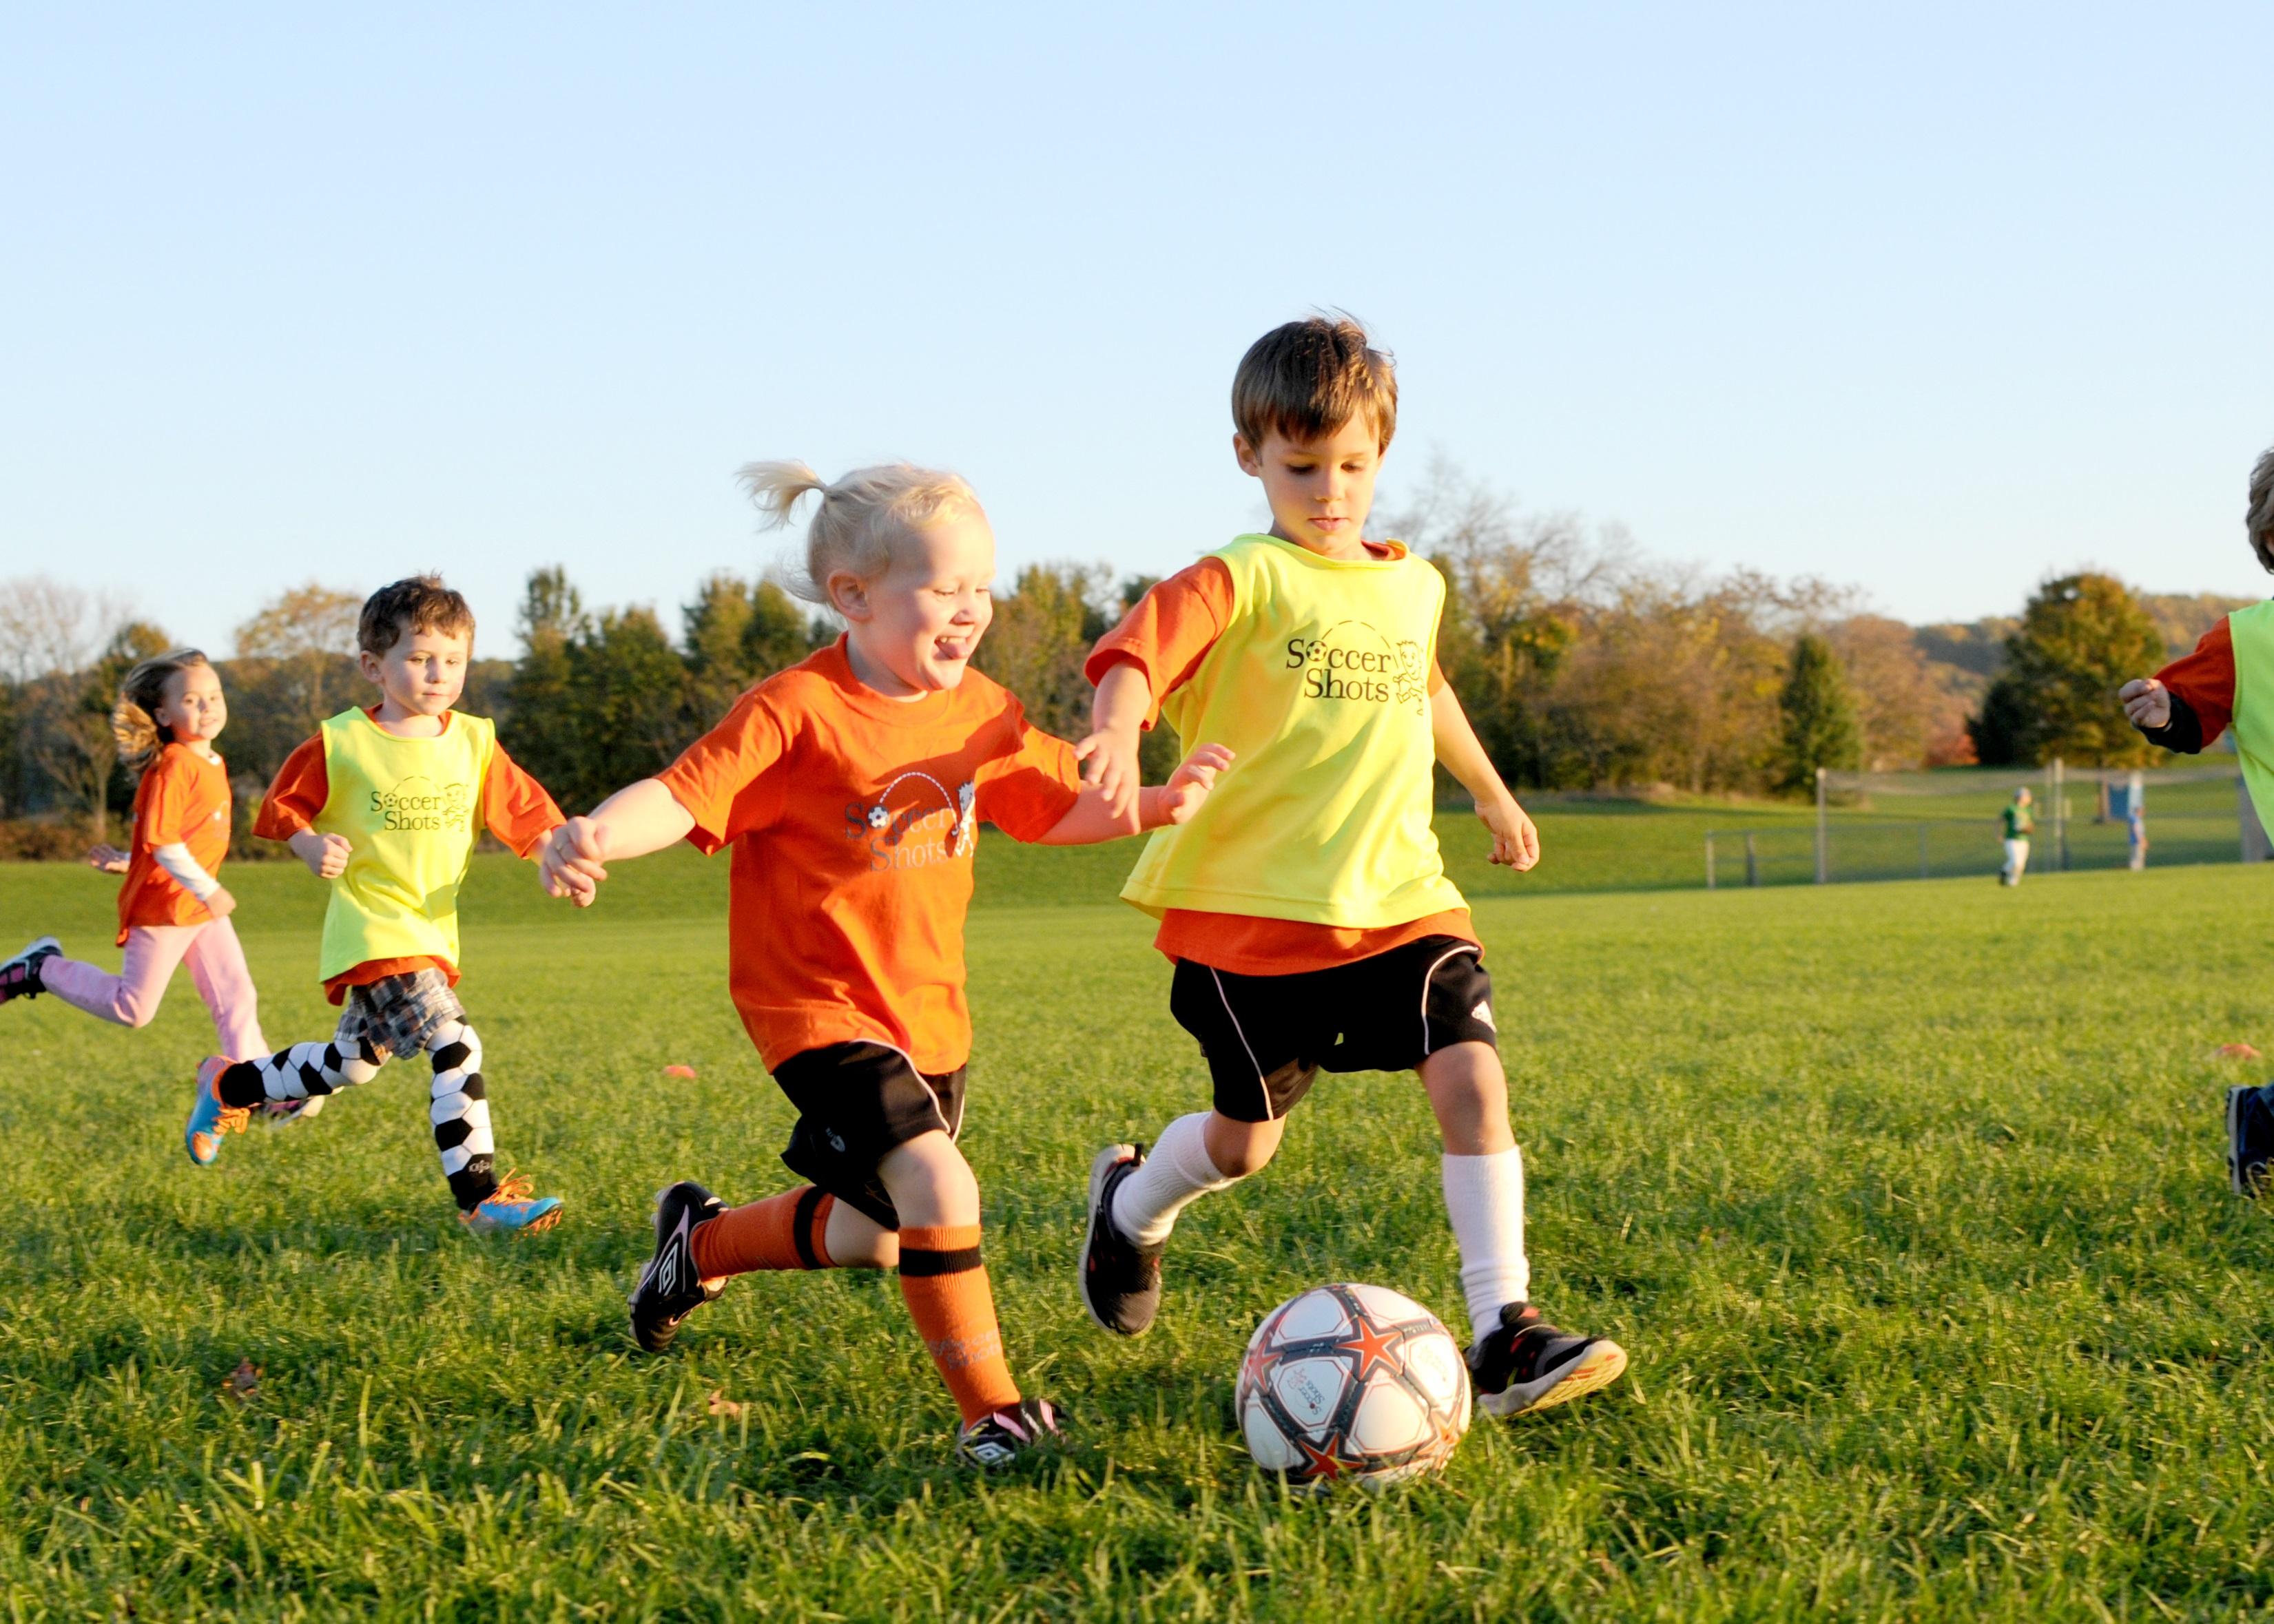 Voetbal- en gymschoenen voor de kleintjes!